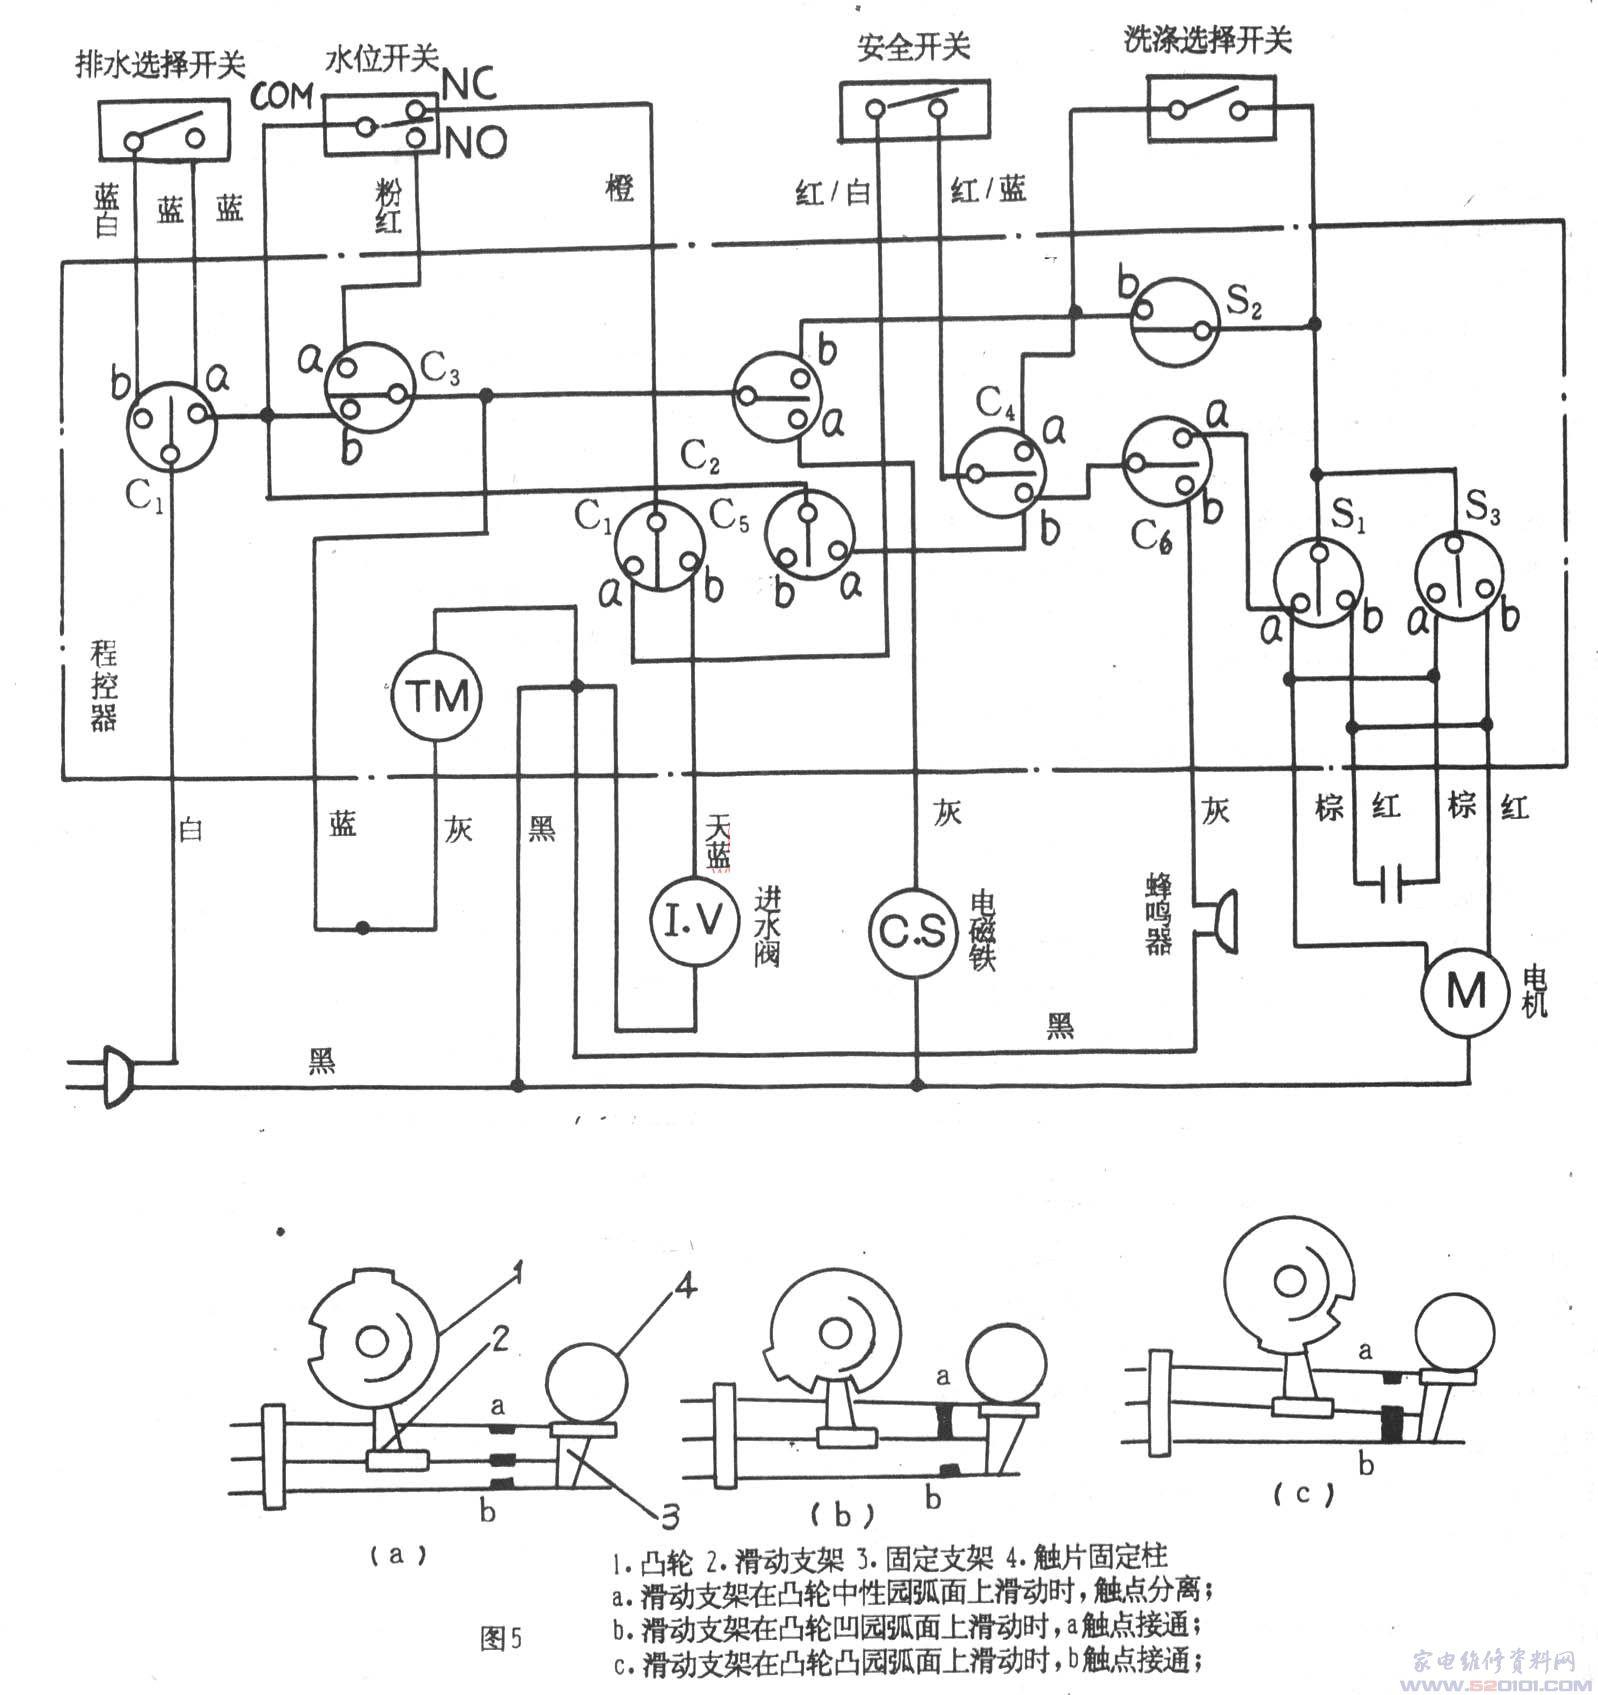 3.琴夏牌全自动洗衣机电路(图5)